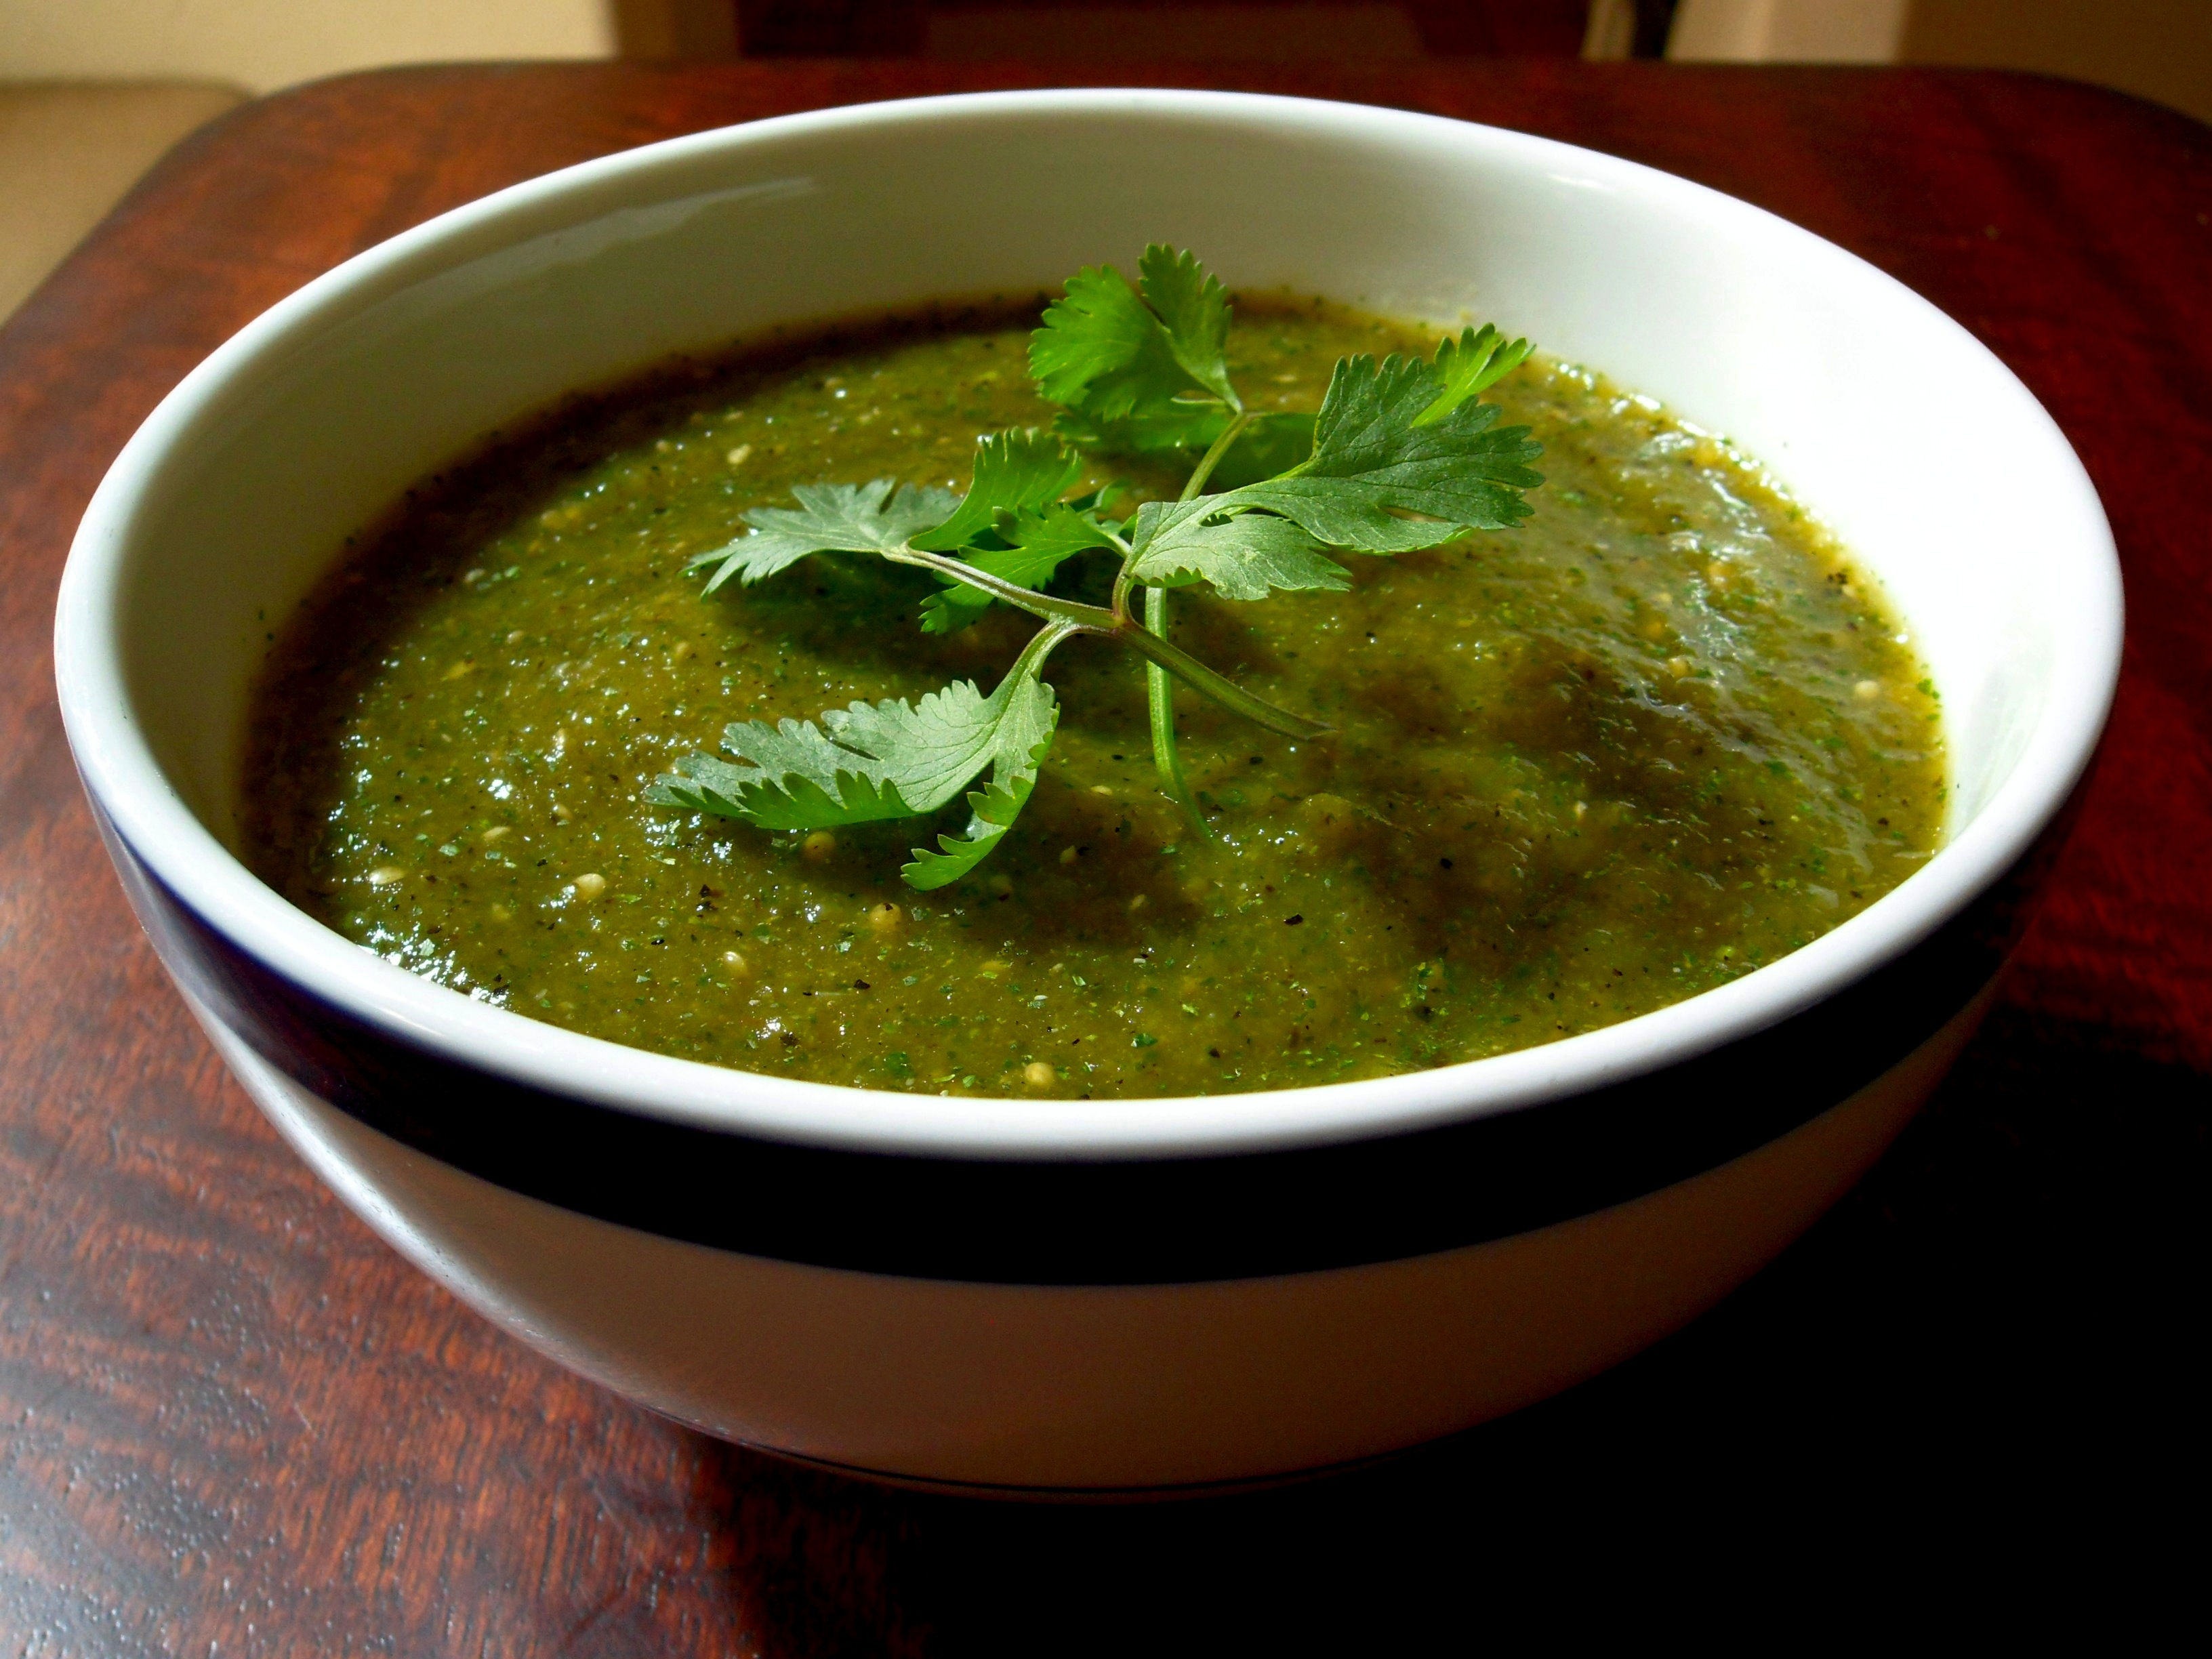 Sos La salsa verde